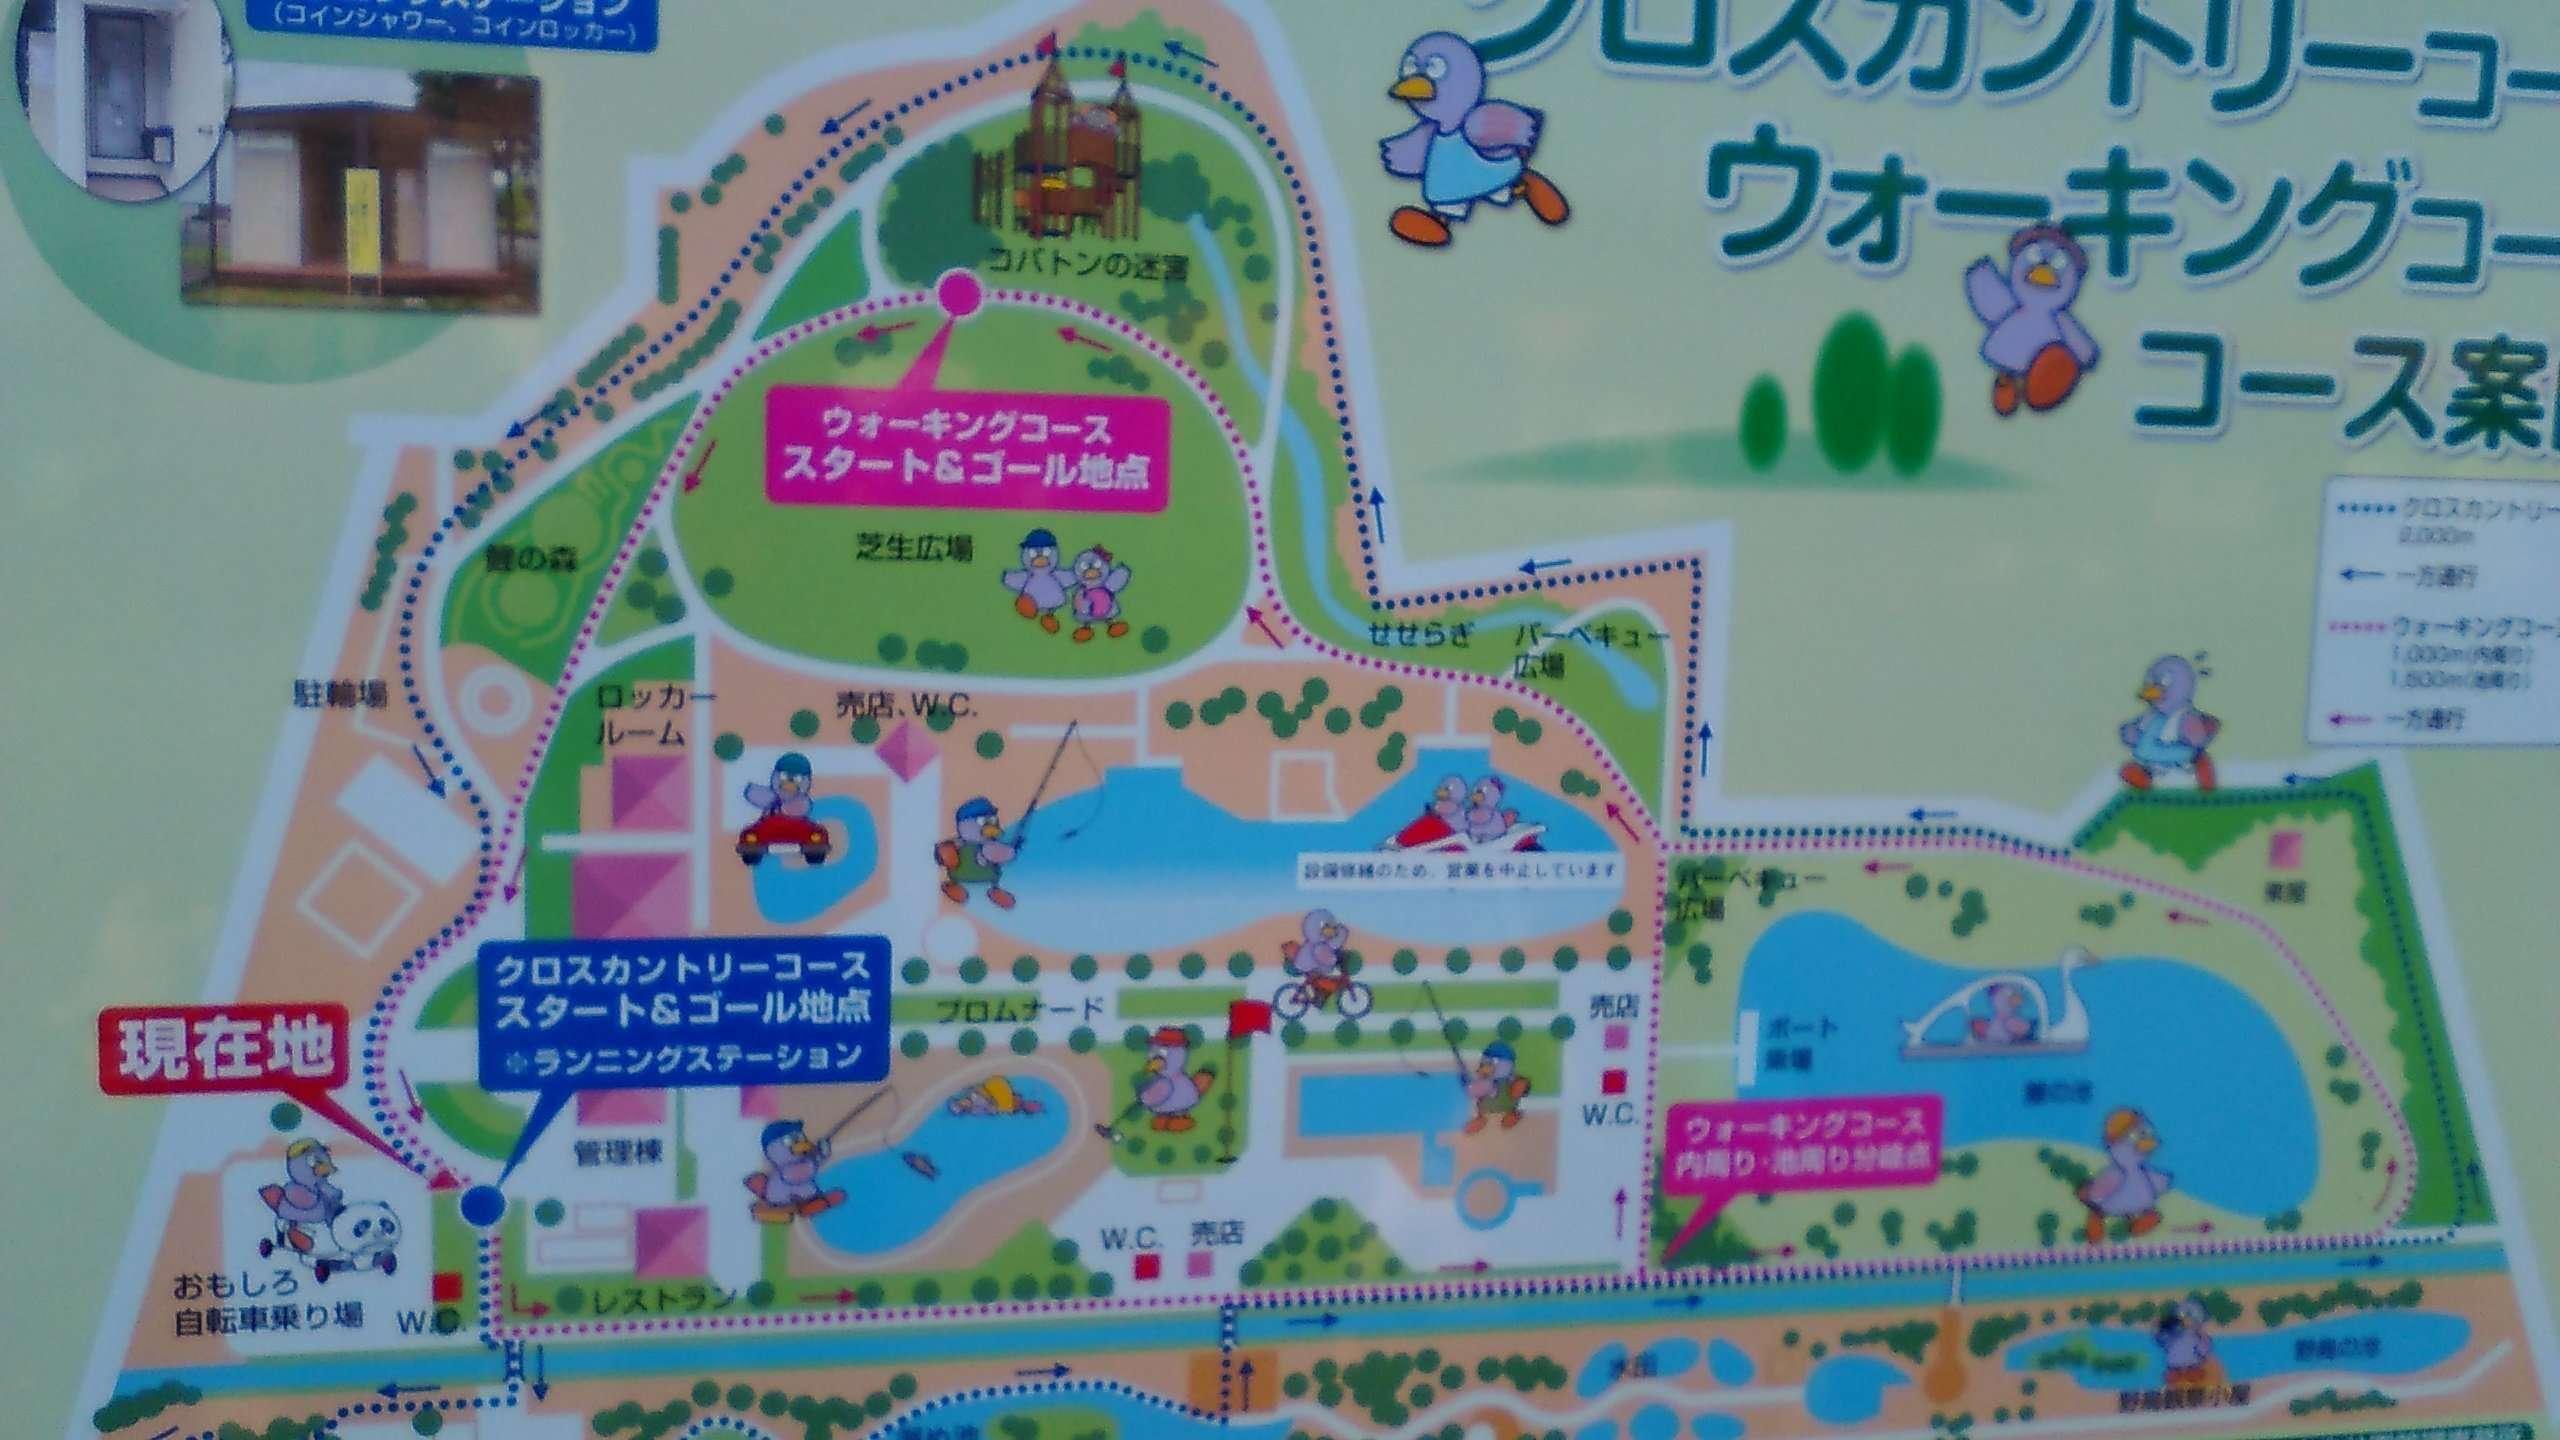 Facility Map of Kazo Hanasaki Park